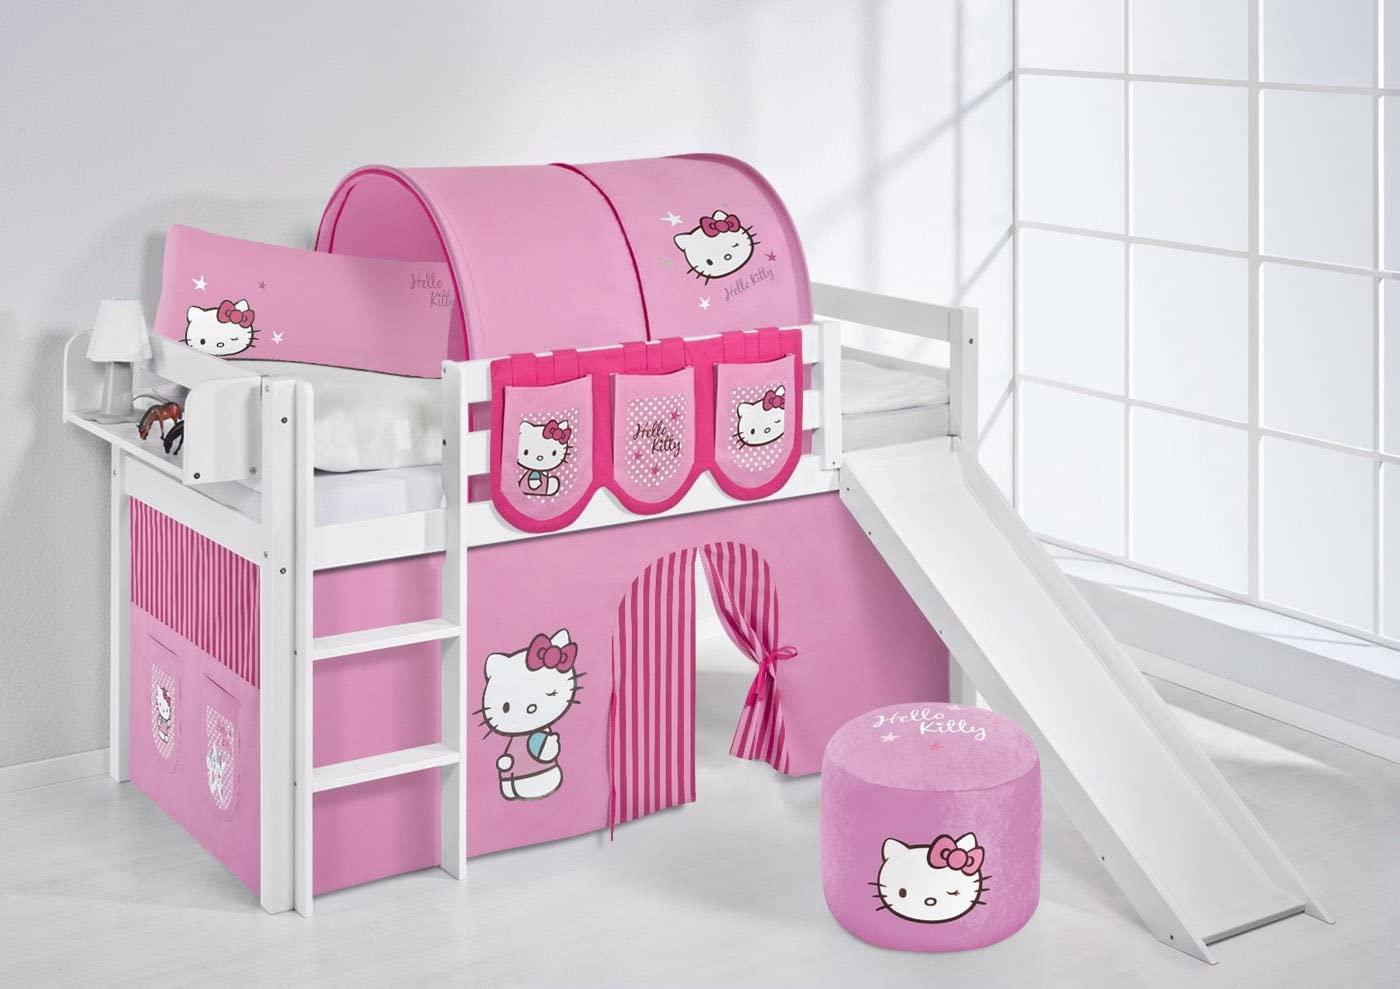 Lilokids 'Jelle' Spielbett 90 x 200 cm, Hello Kitty Rosa, Kiefer massiv, mit Rutsche und Vorhang Bild 1